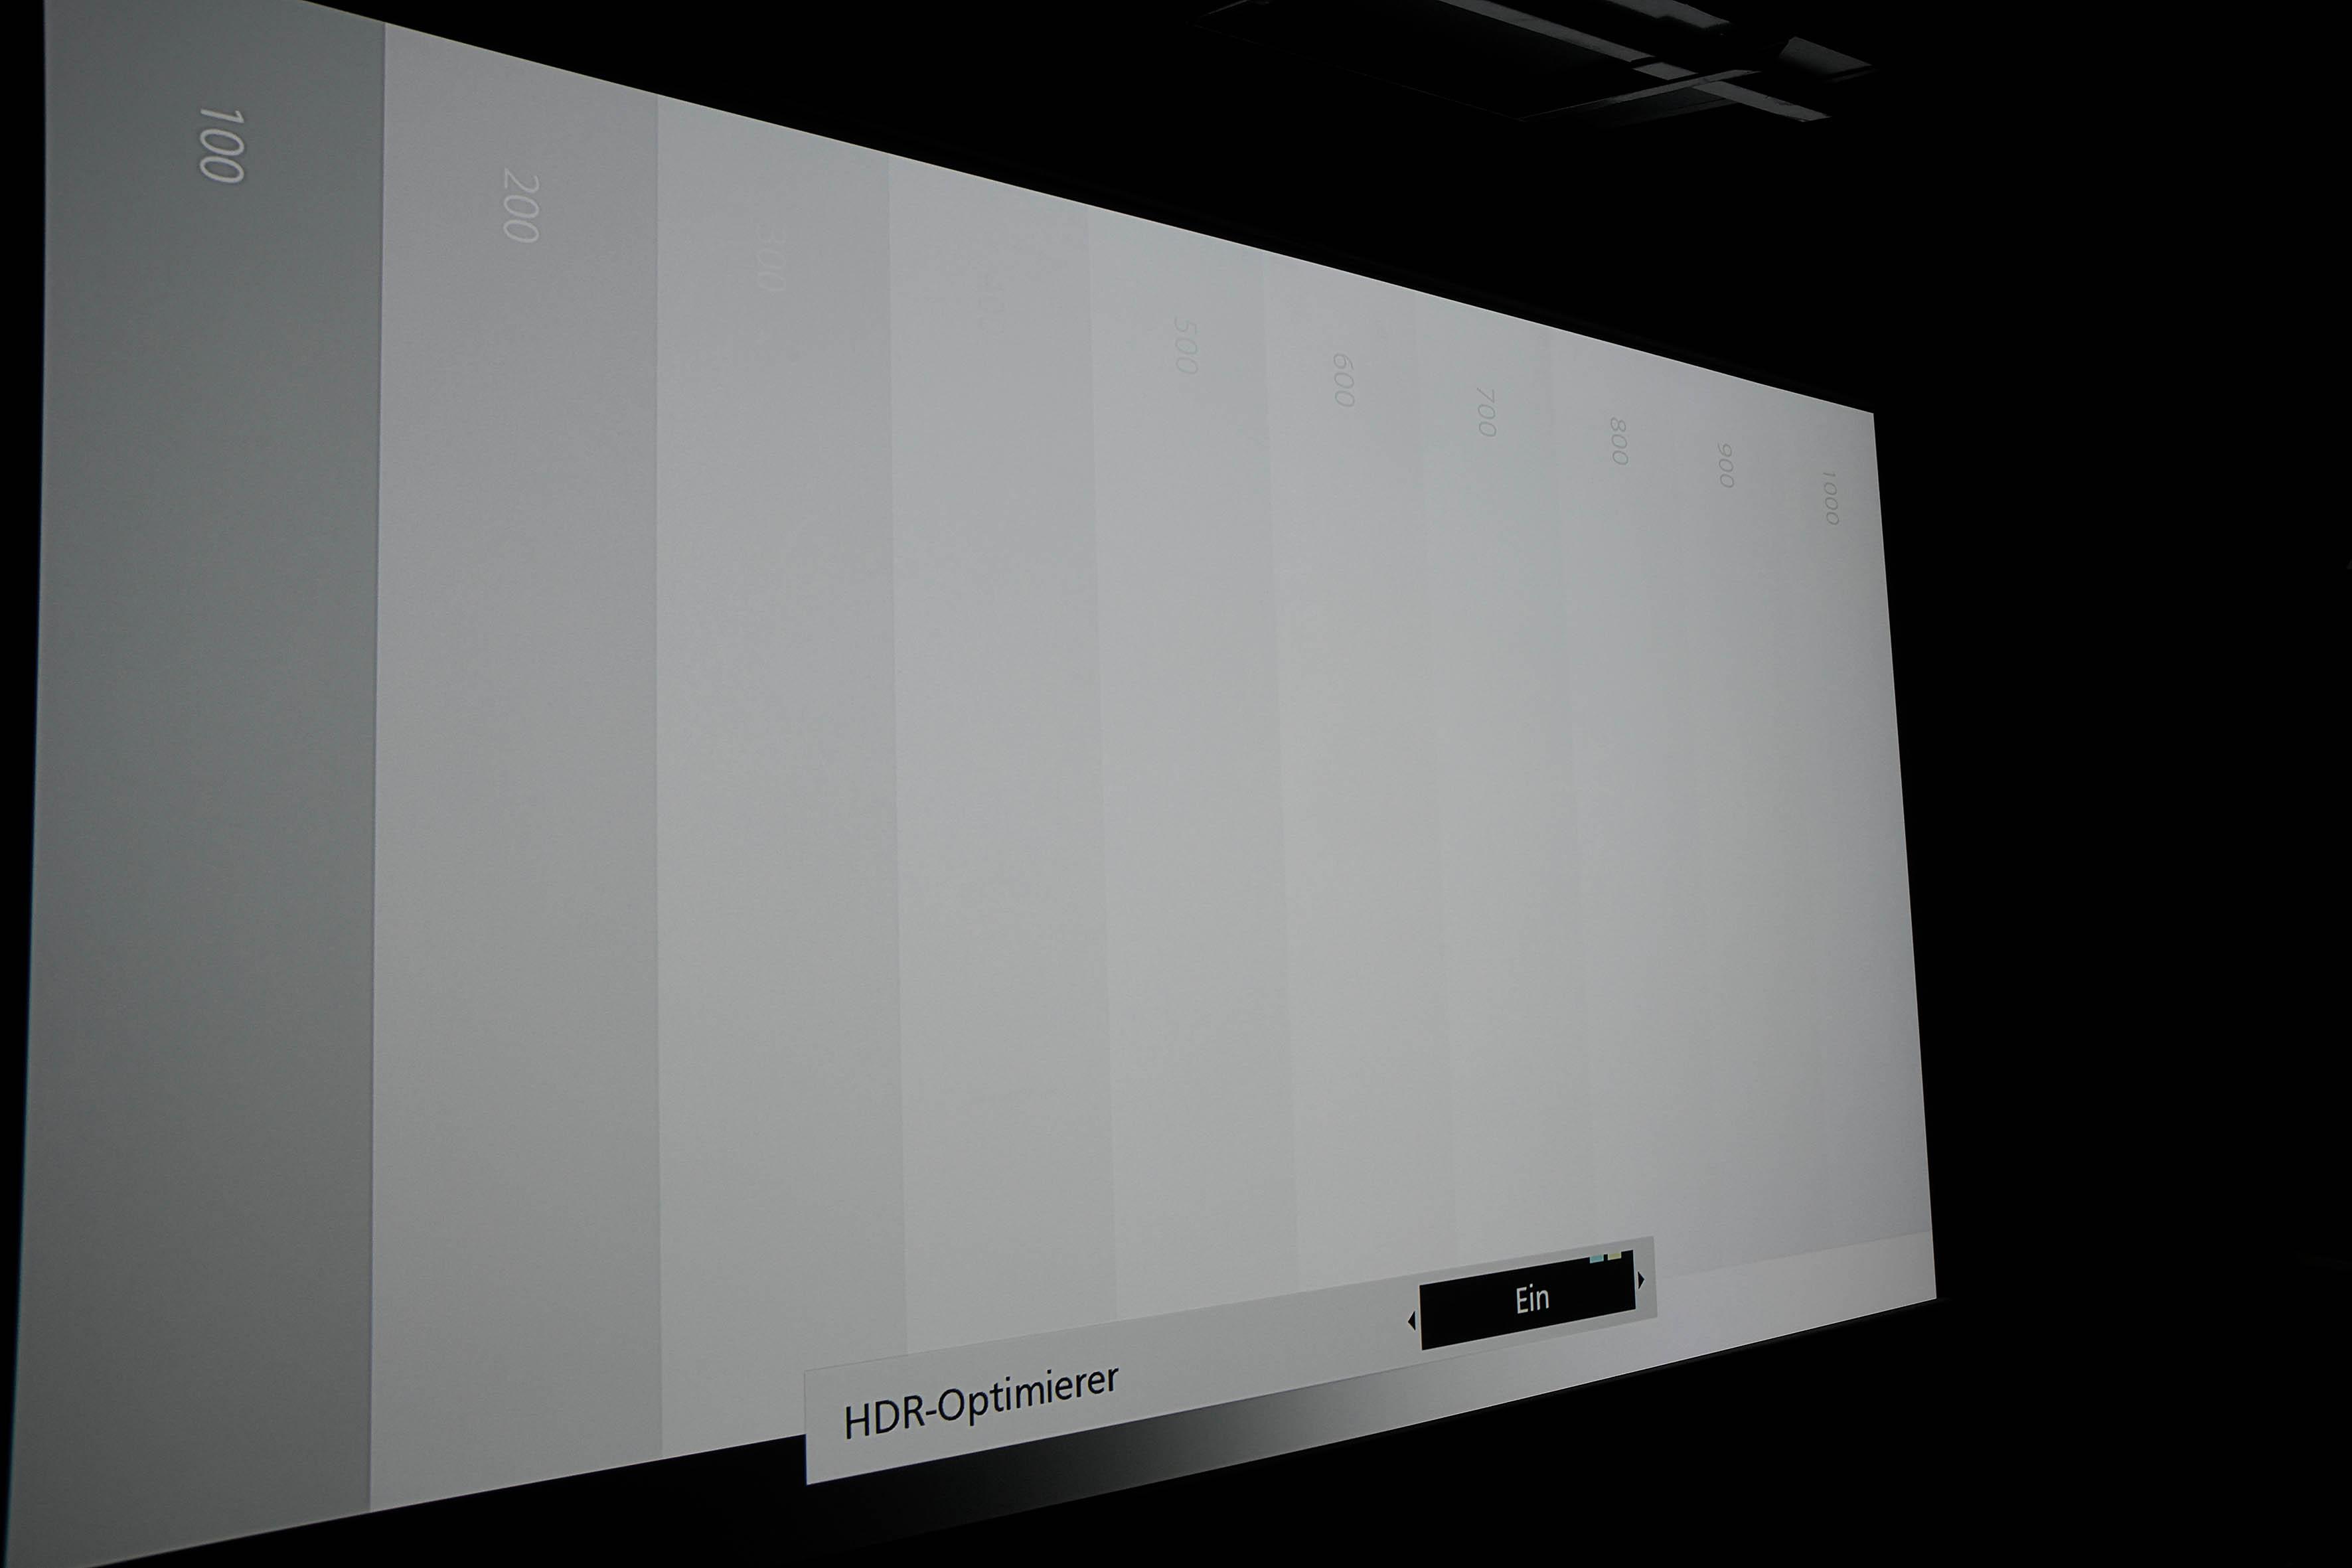 Sofort sind mehr Abstufungen in der Grautreppe zu erkennen. Bis 1000 Nits werden alle Wertebereiche dargestellt.